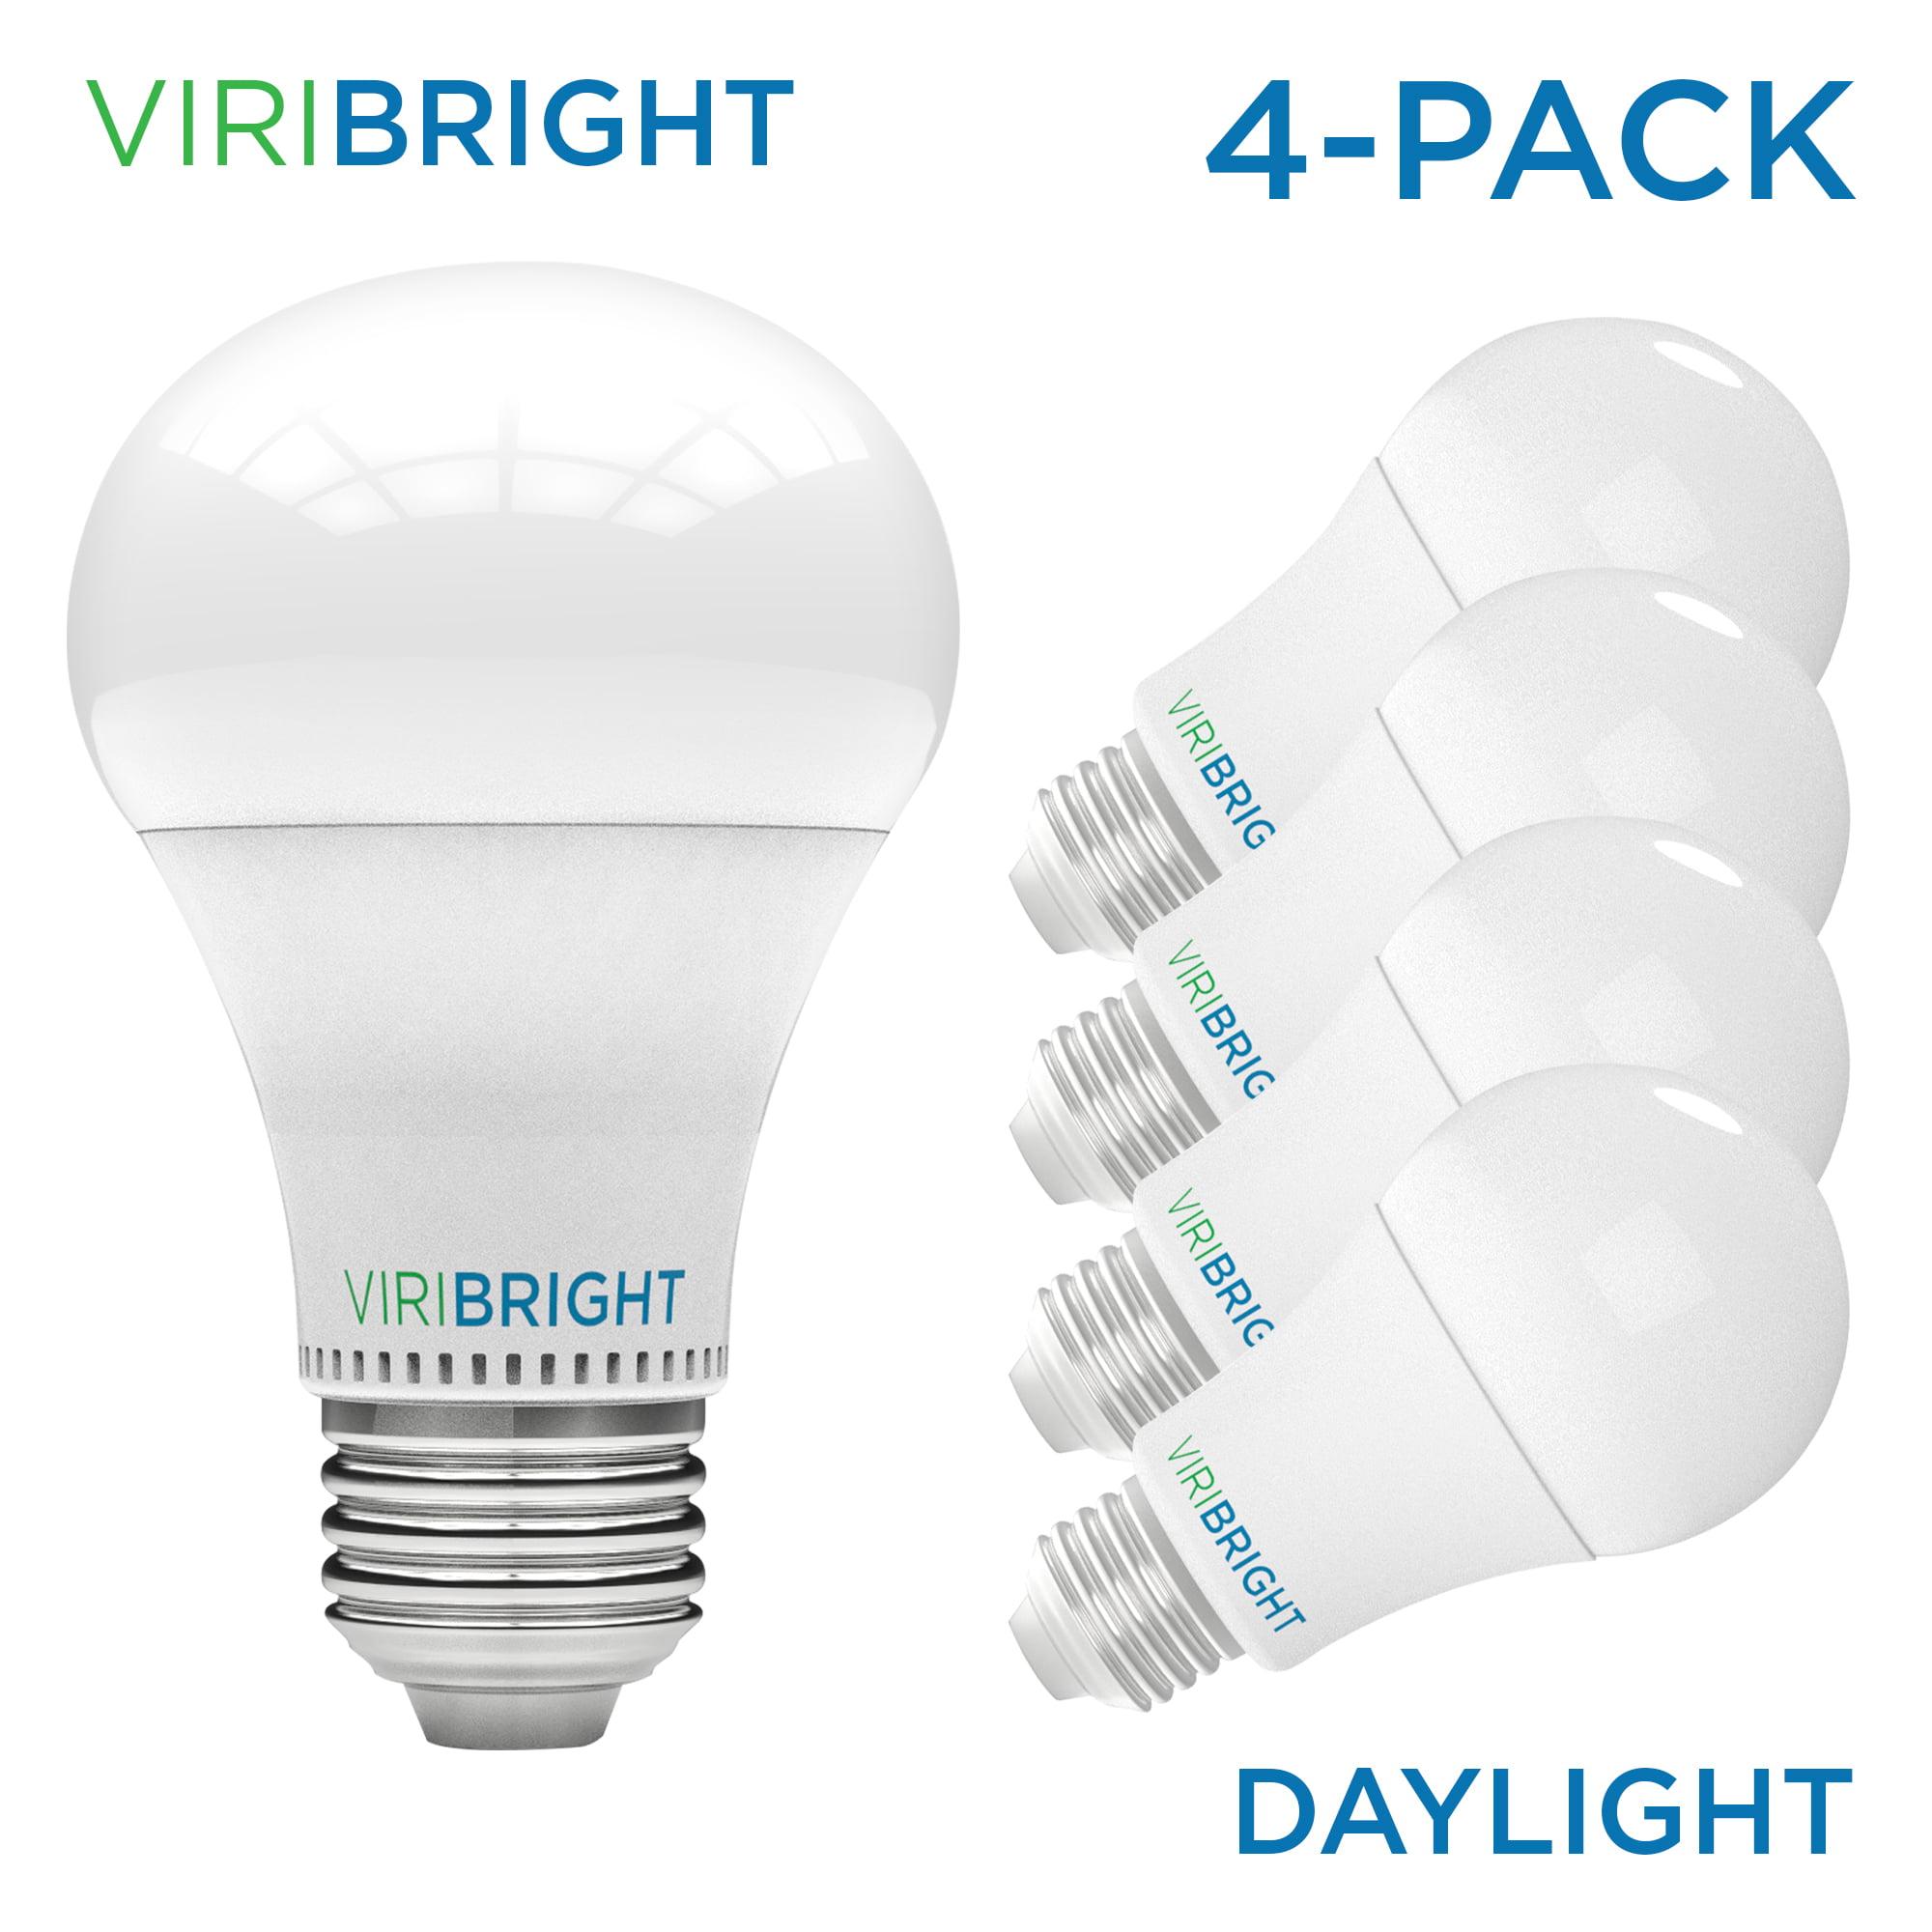 Viribright 100 Watt Equivalent LED Light Bulb, 6500K Daylight, Medium Screw Base (E26), Pack of 4